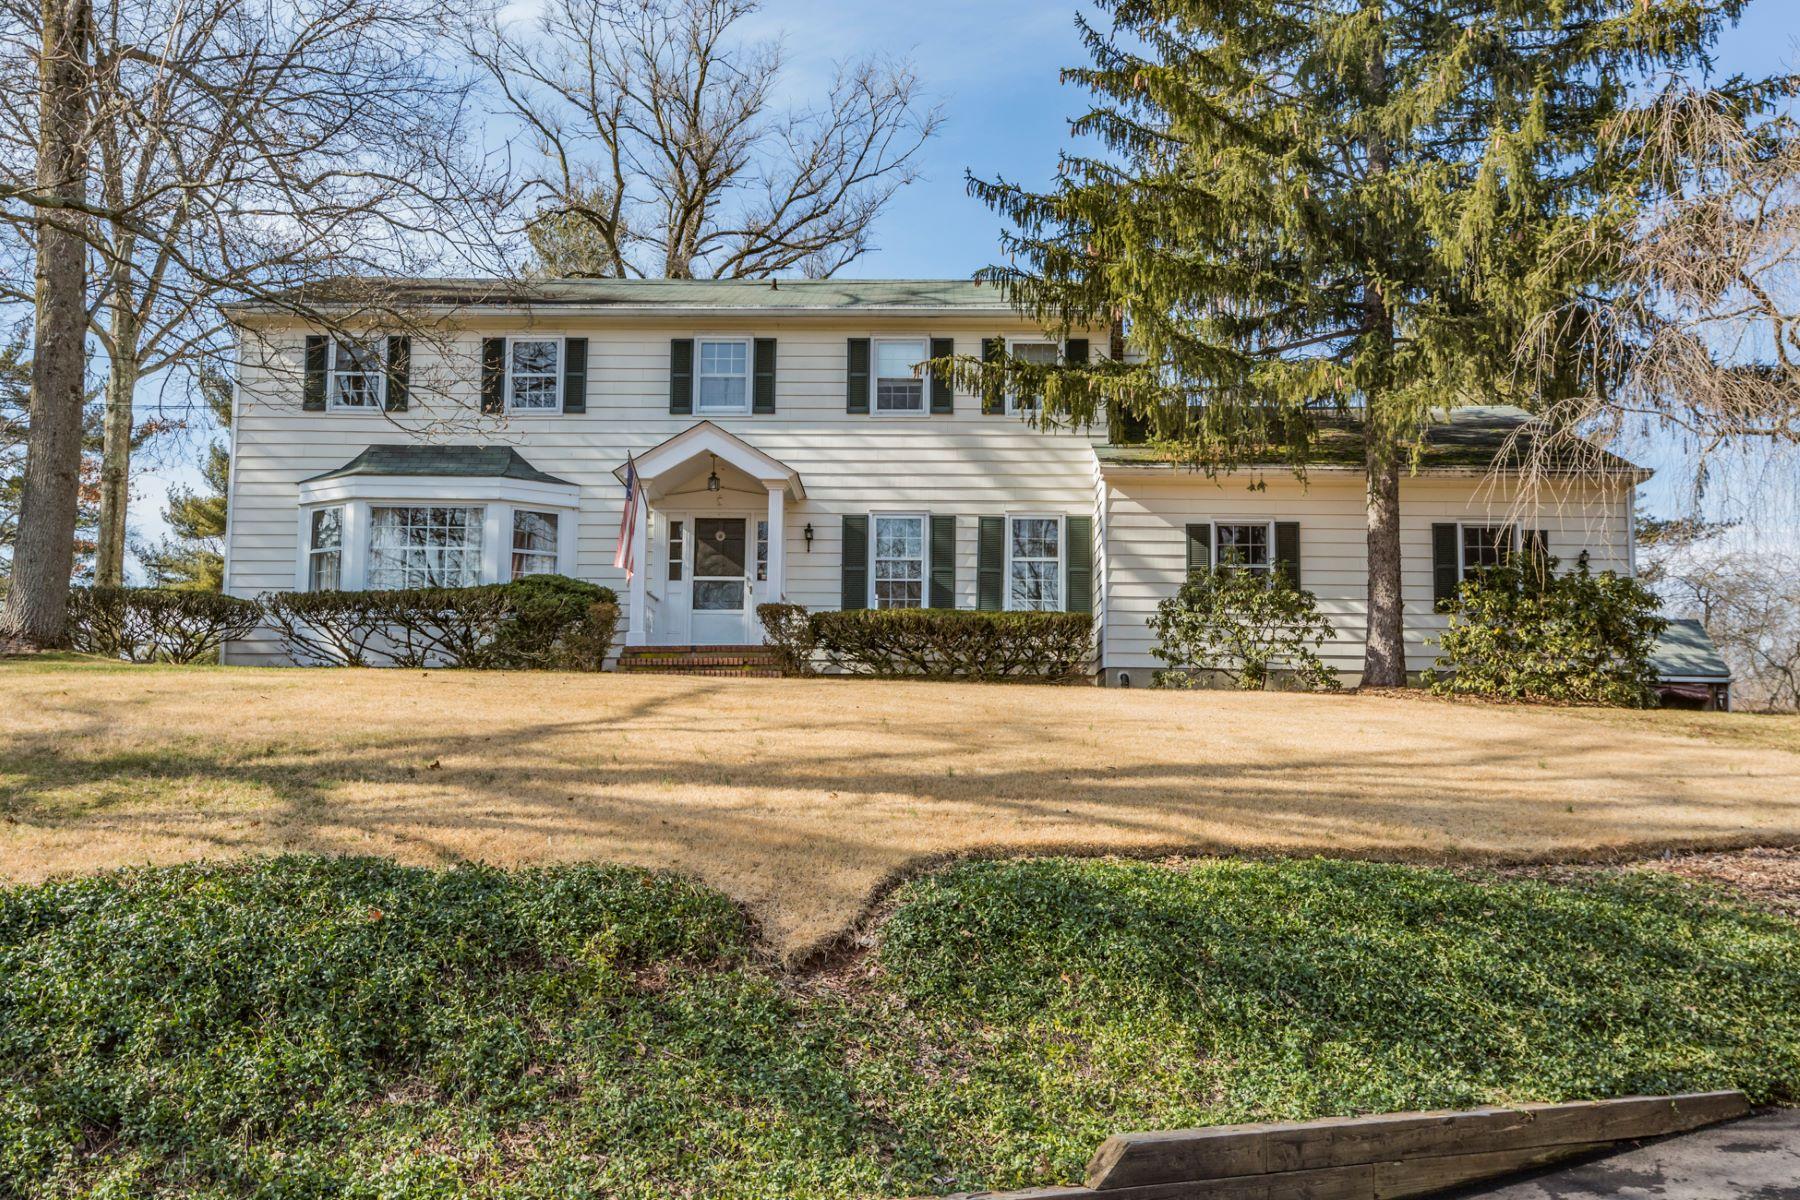 Частный односемейный дом для того Аренда на Beautiful River Road Home - Montgomery Township 566 River Road Skillman, Нью-Джерси 08502 Соединенные Штаты